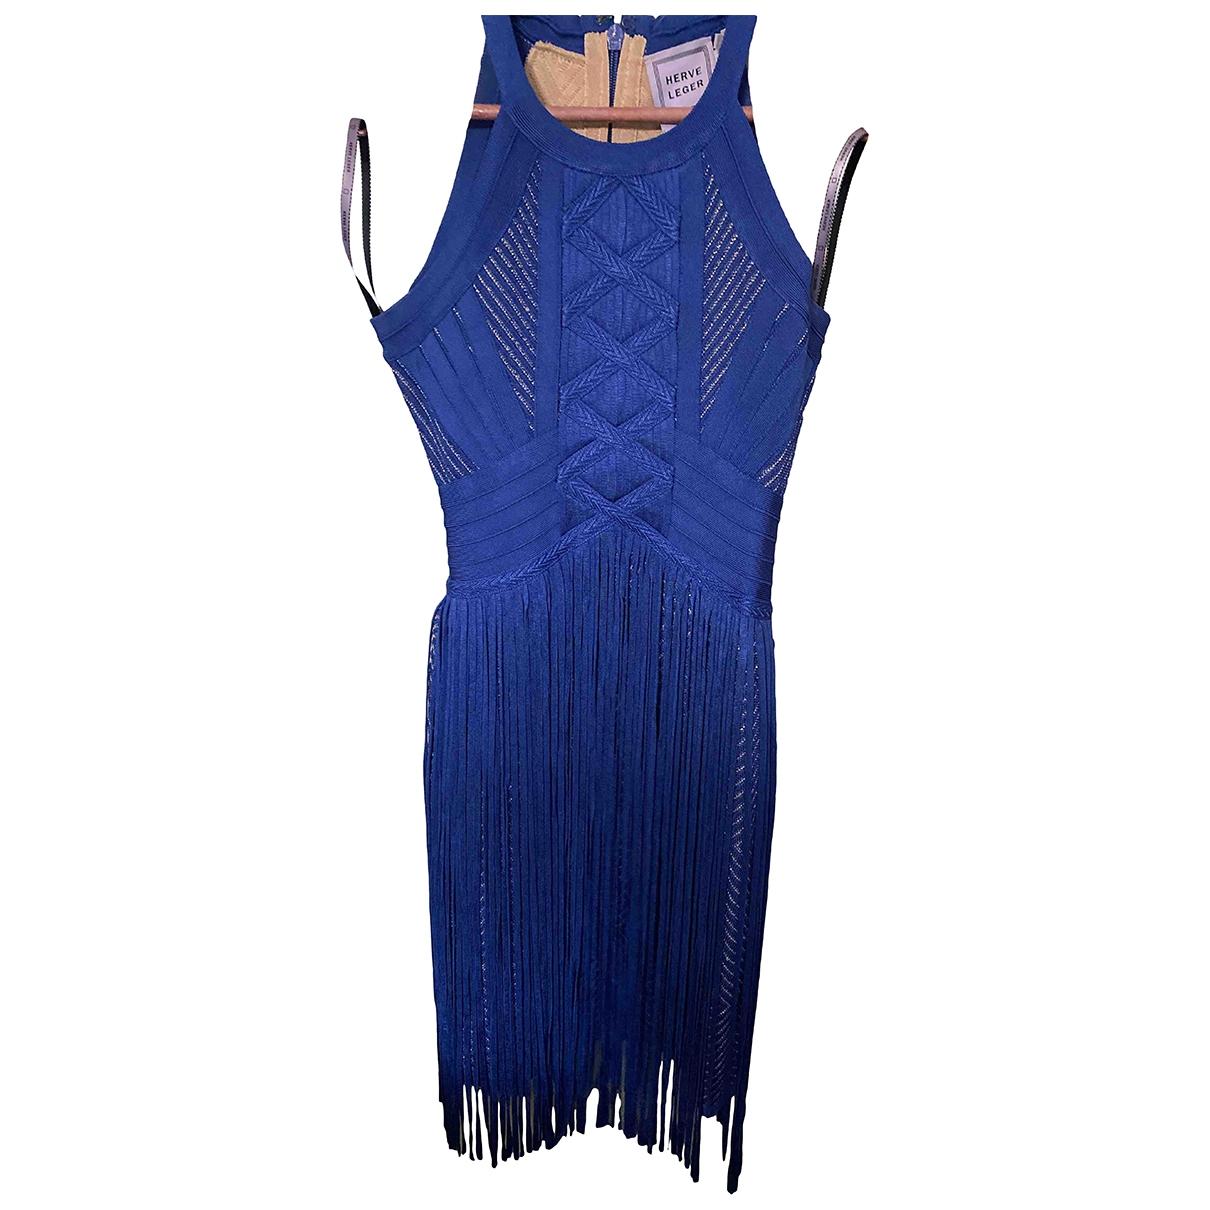 Herve Leger - Robe   pour femme en coton - elasthane - bleu